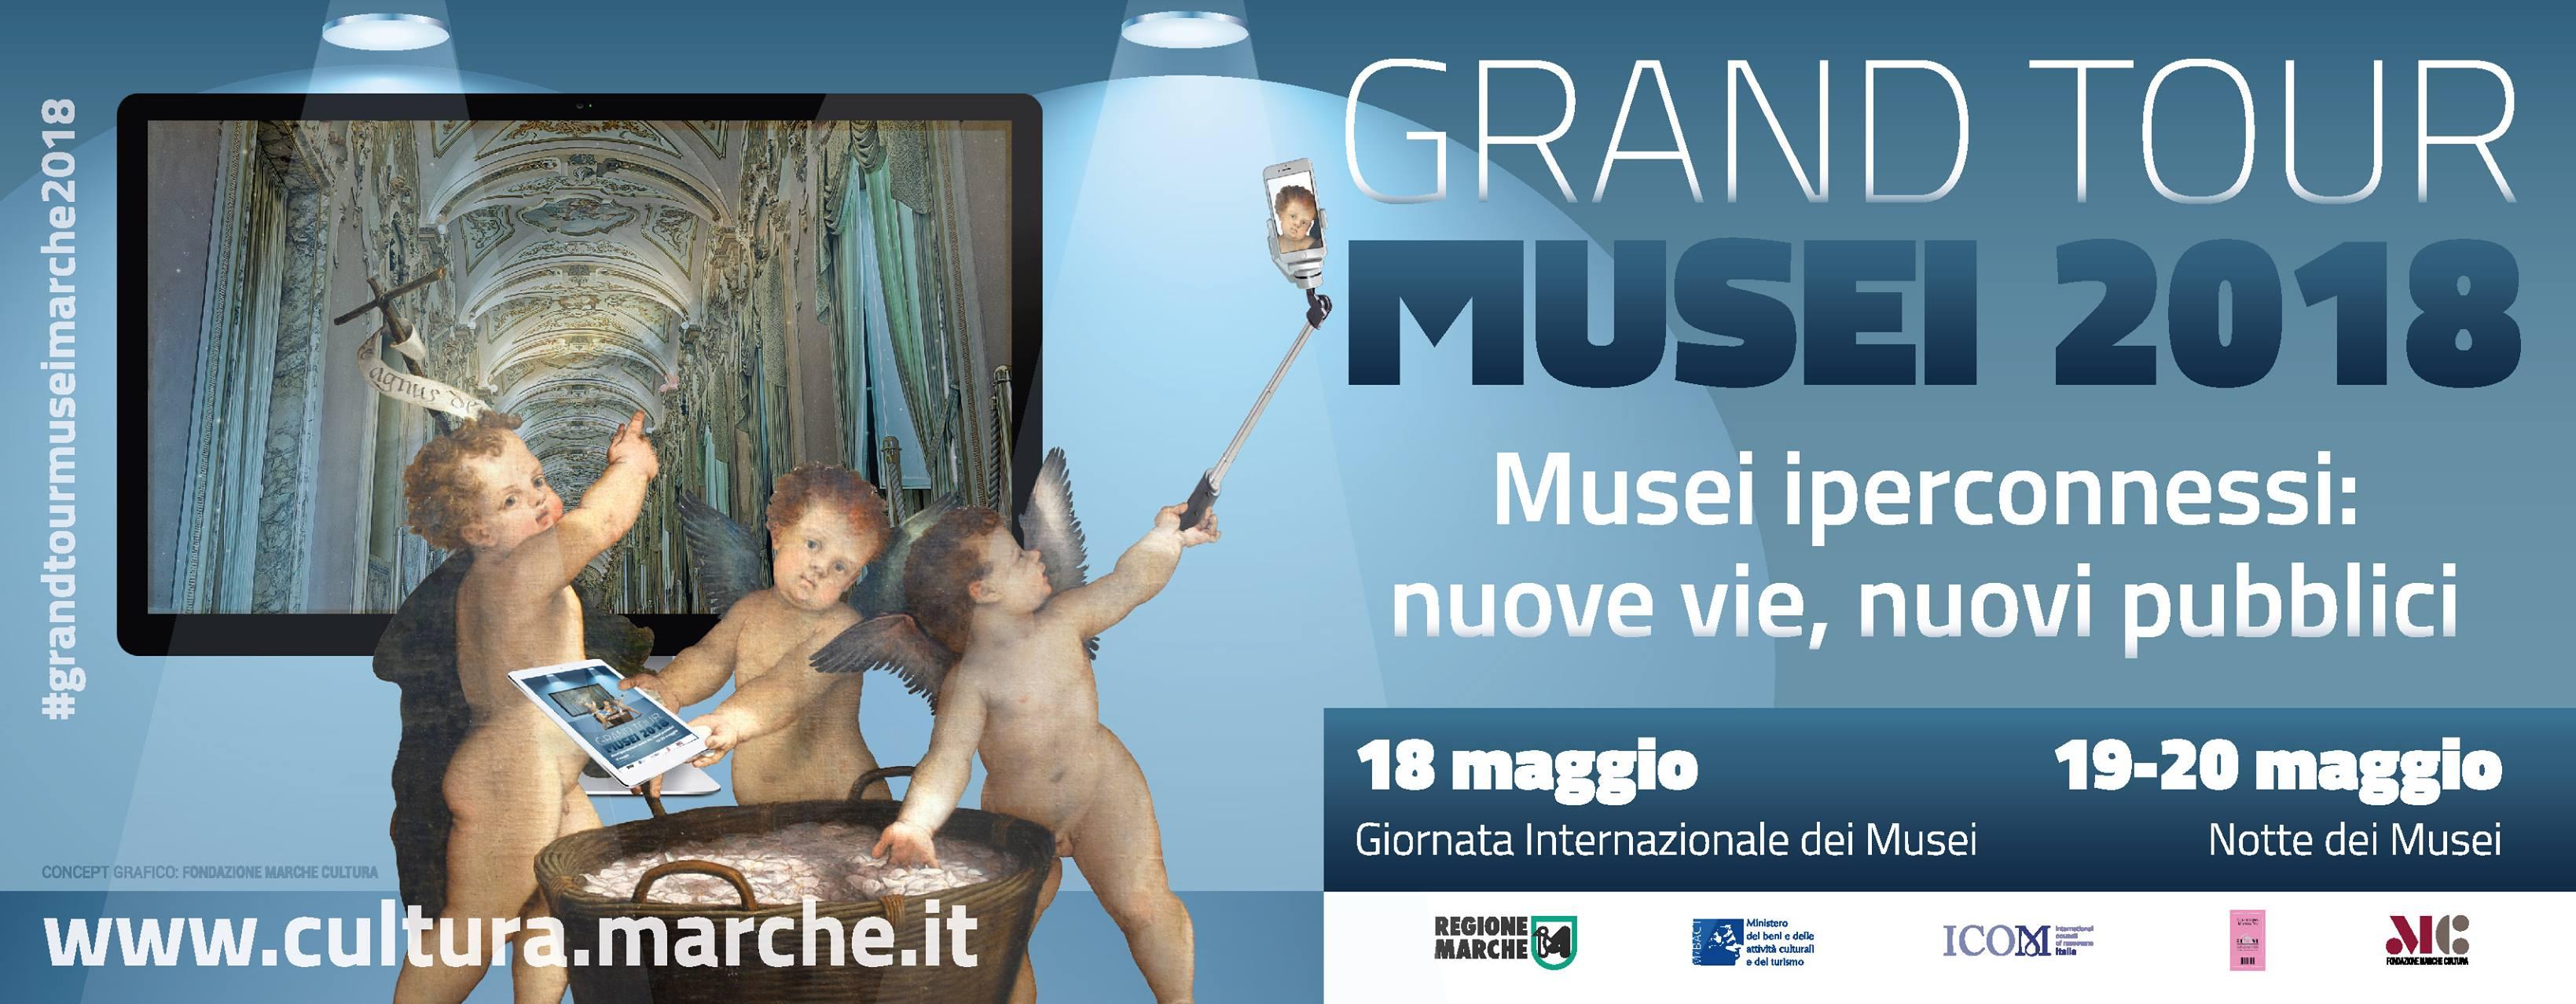 Grand Tour dei Musei 2018 Marche